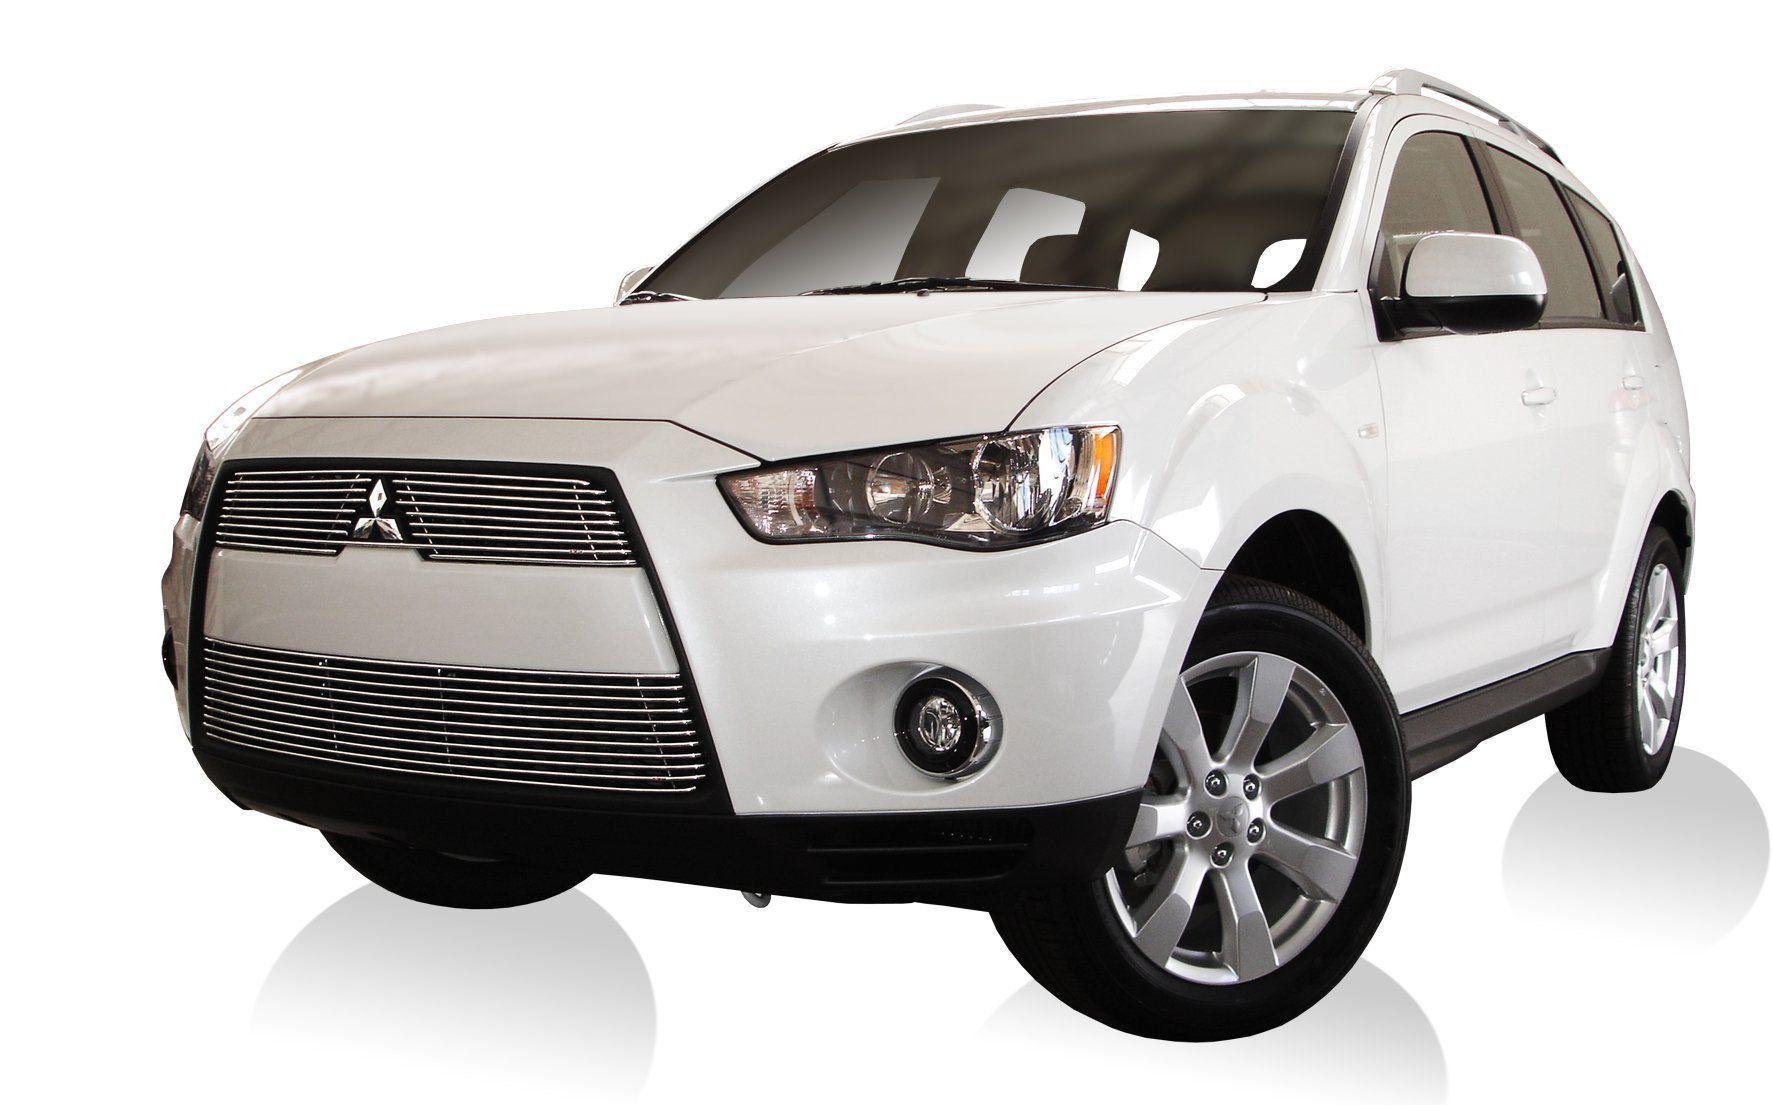 Sobre Grade Cromada Aço Inox Mitsubishi Outlander 2010 a 2013 Darta